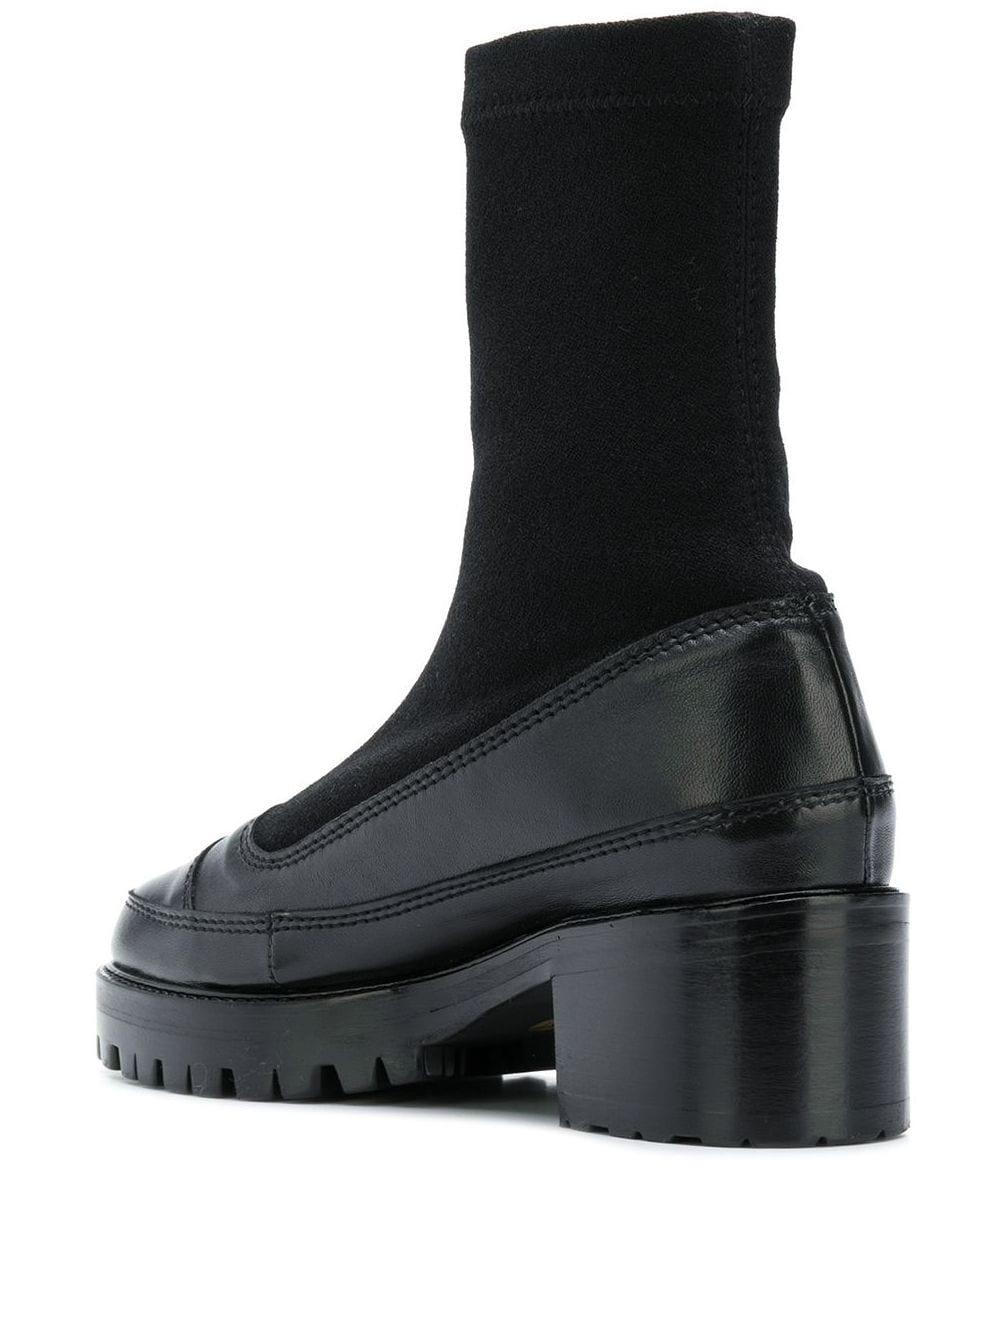 Nicole  Saldana Christina, Black Boots